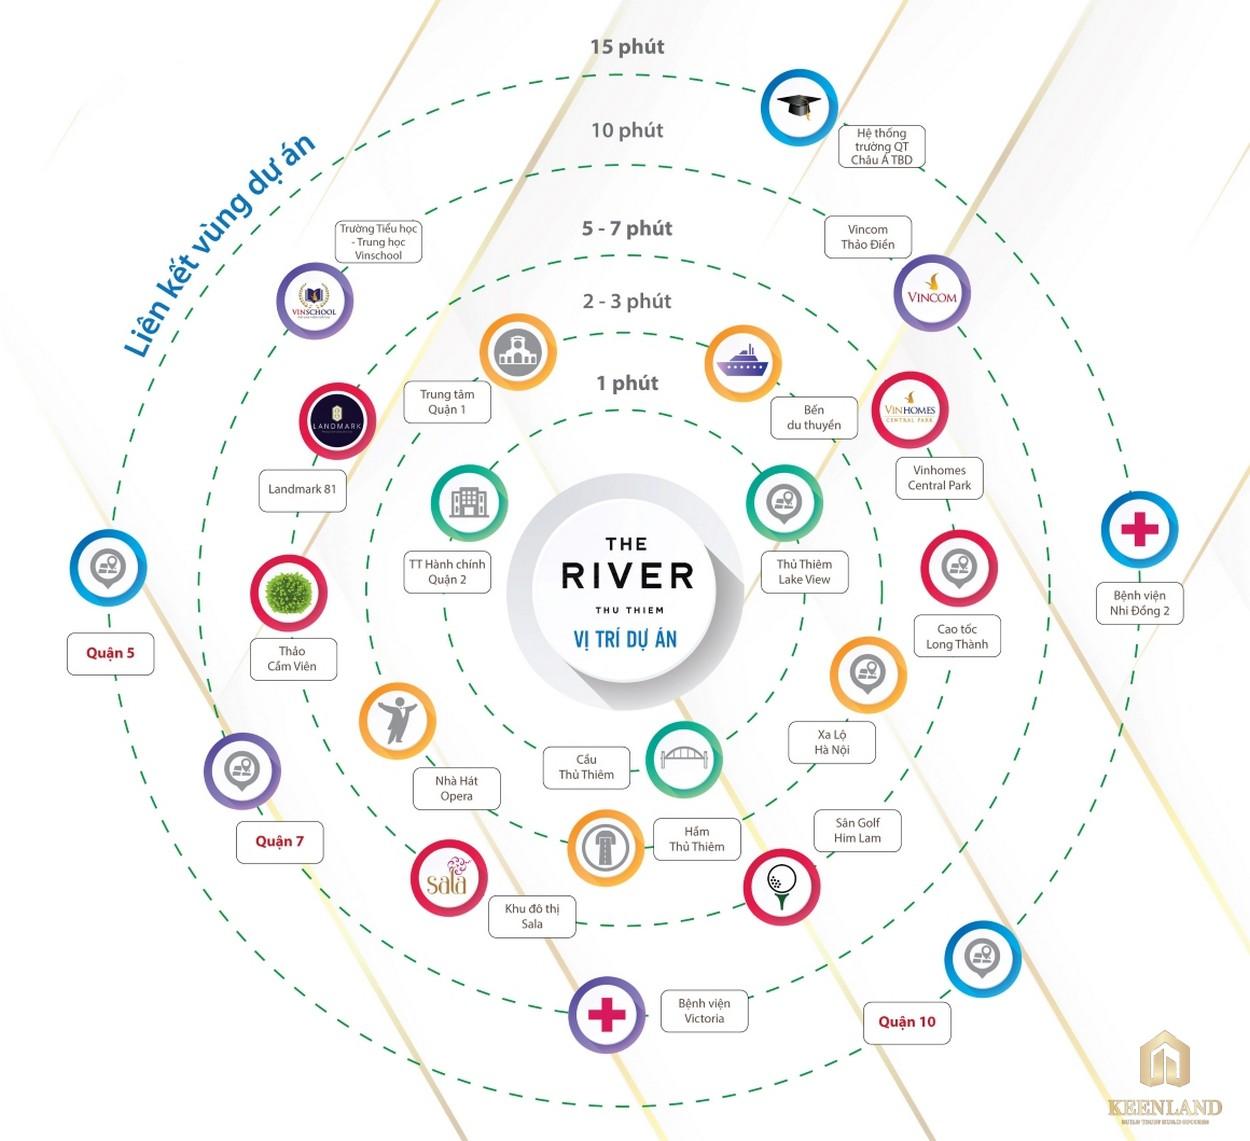 Liên kết vùng dự án The River Thủ Thiêm